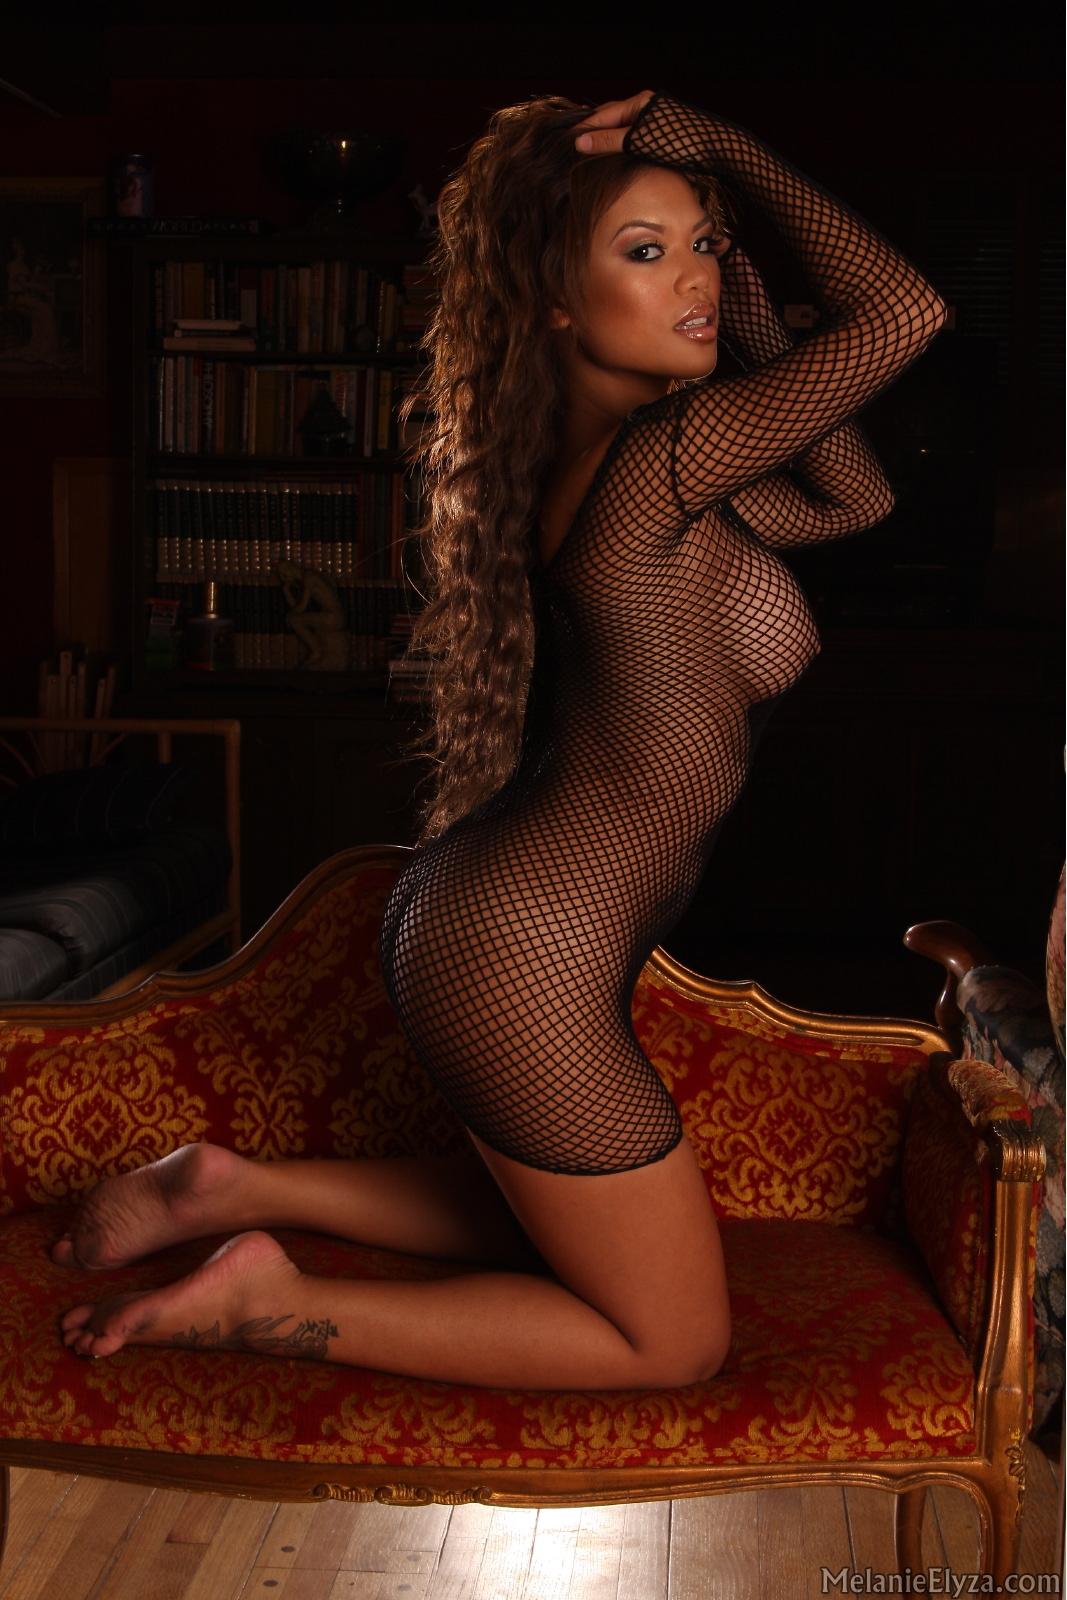 Melanie Elyza Nude